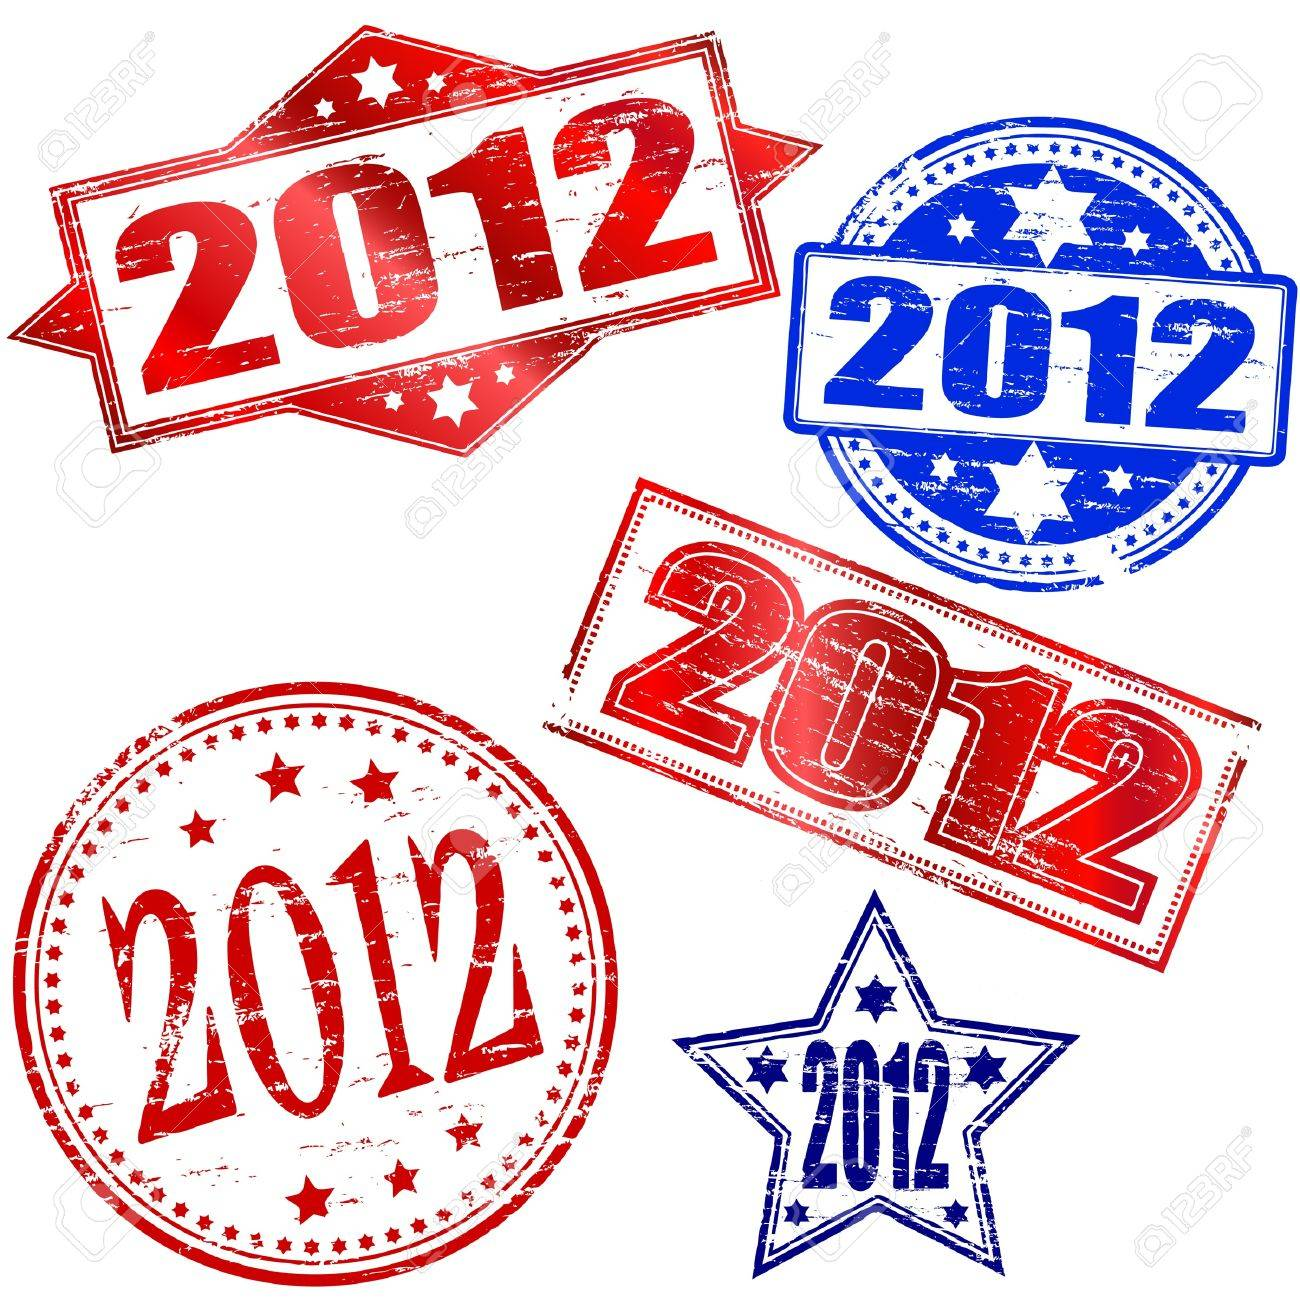 2012 Rubber stamp vectors Stock Vector - 11191459